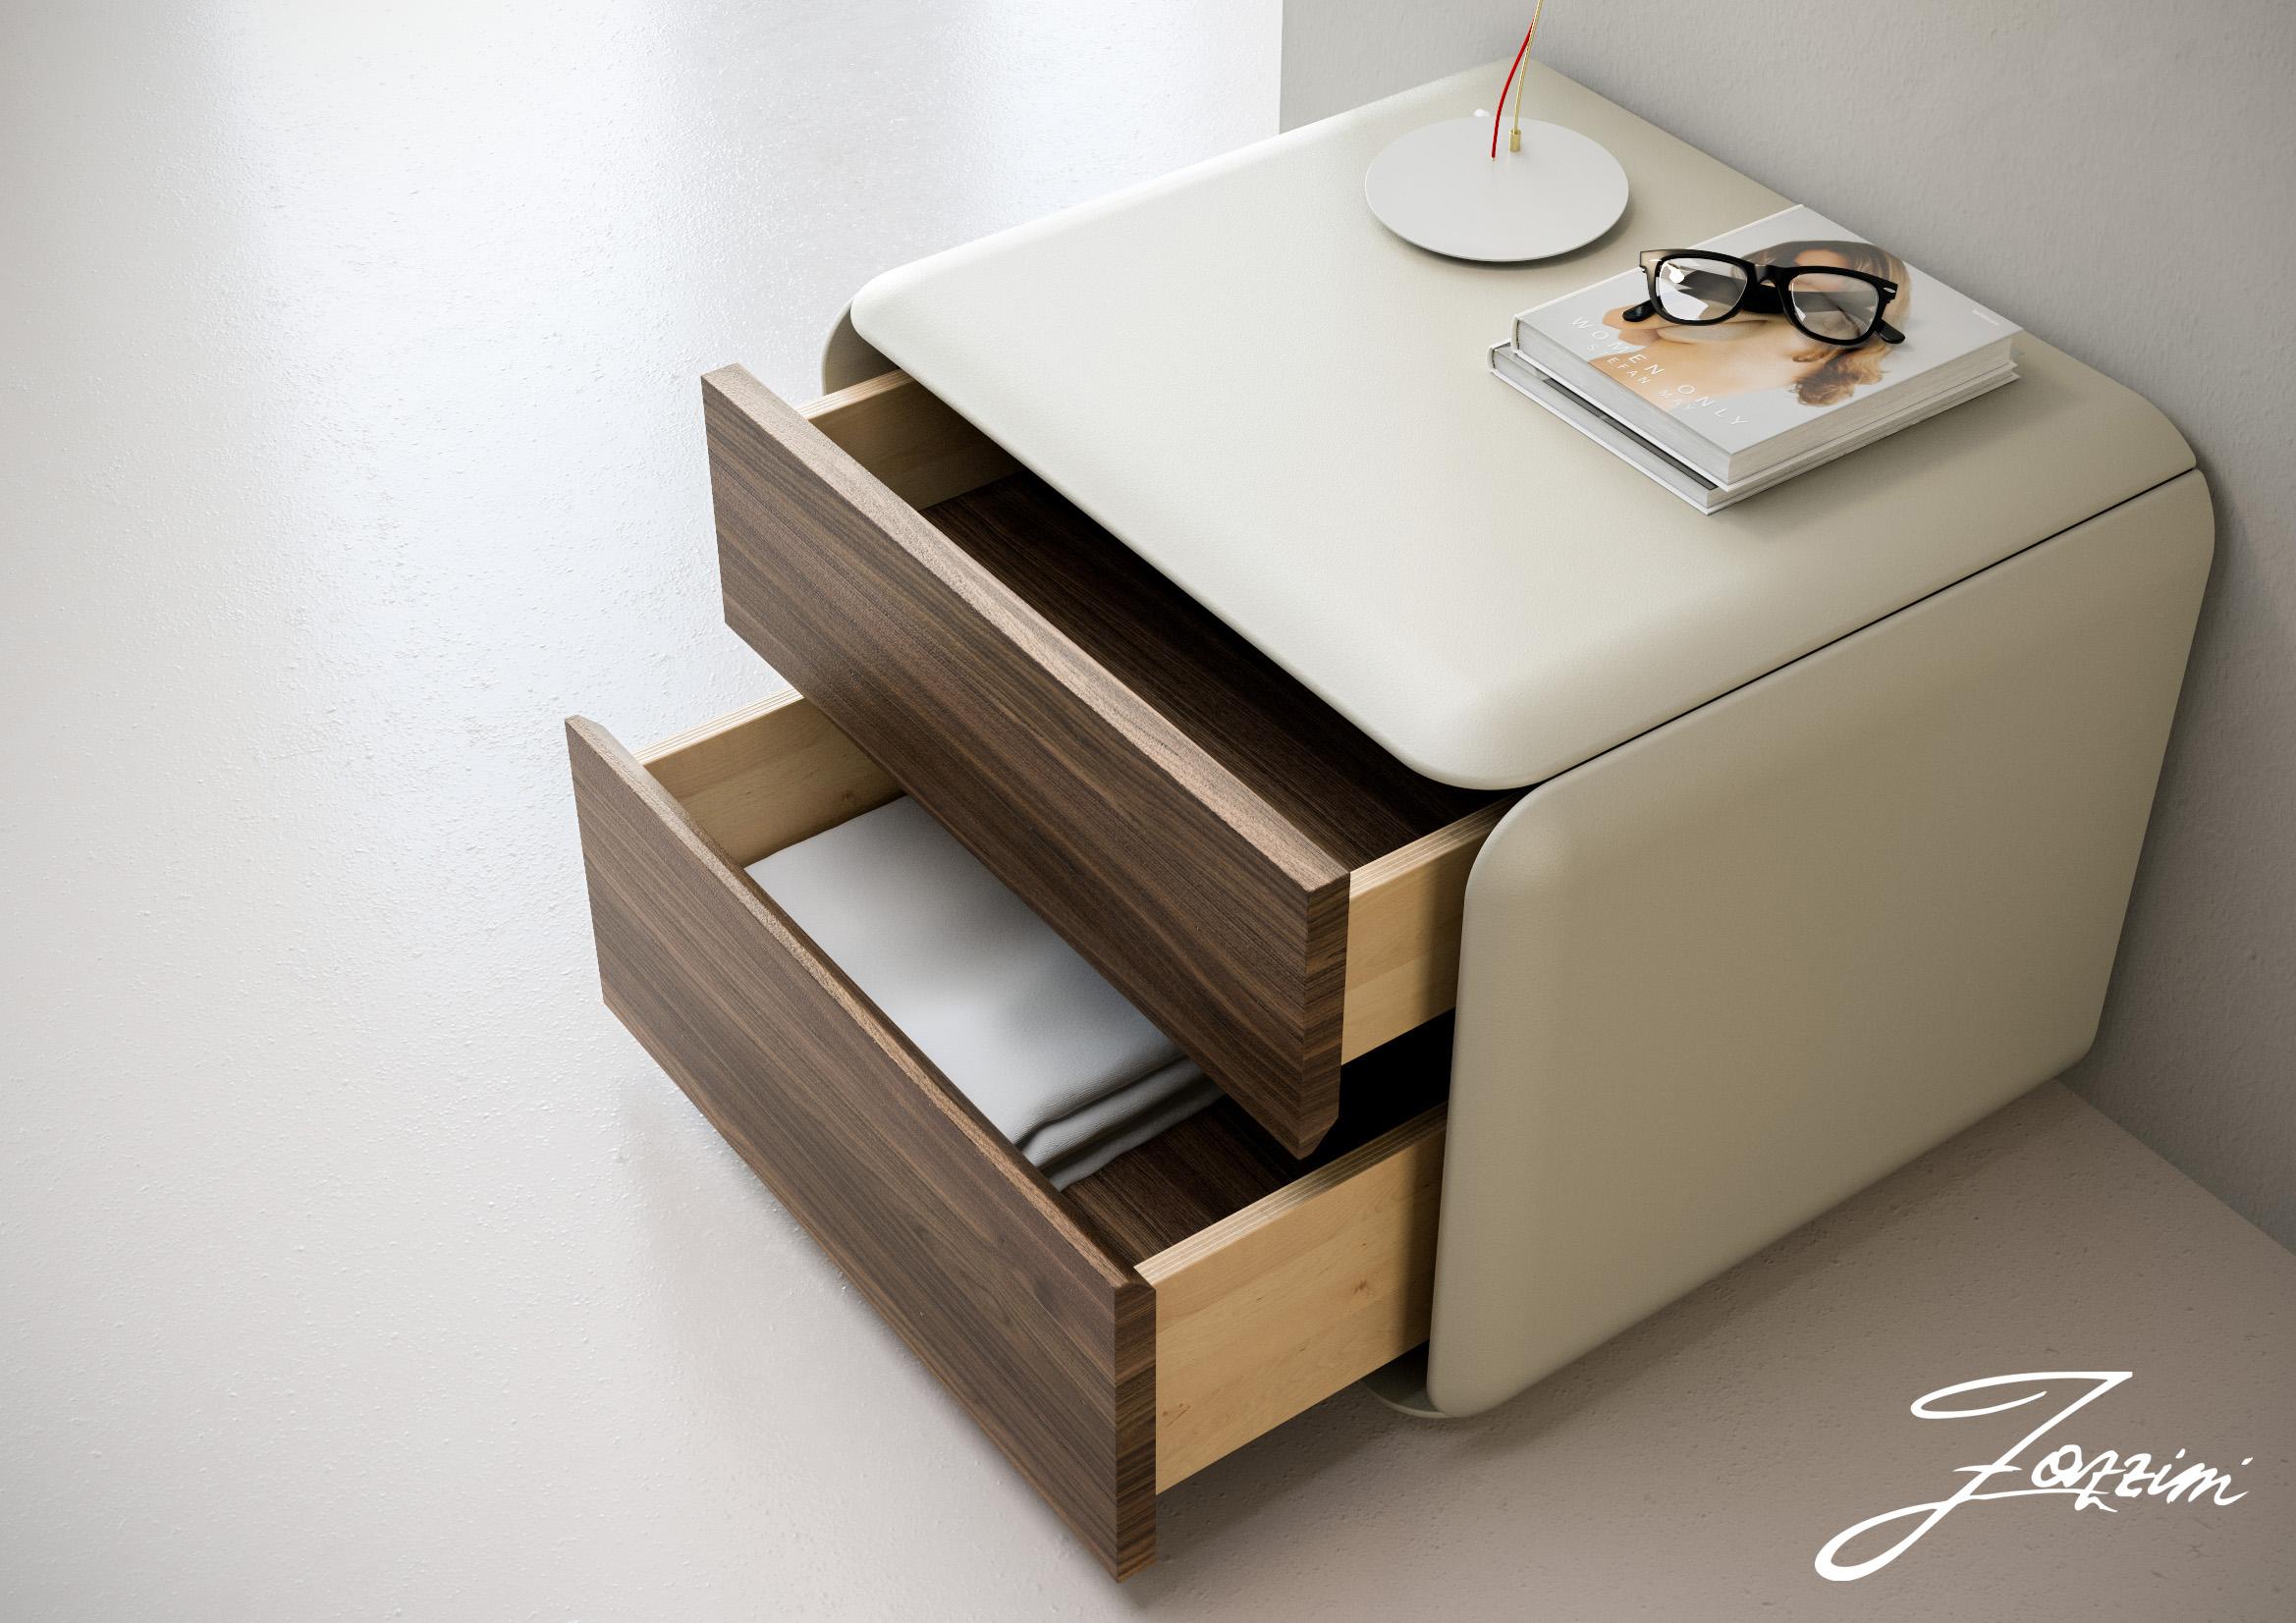 Mobili fazzini risultati della ricerca for Fazzini mobili catalogo